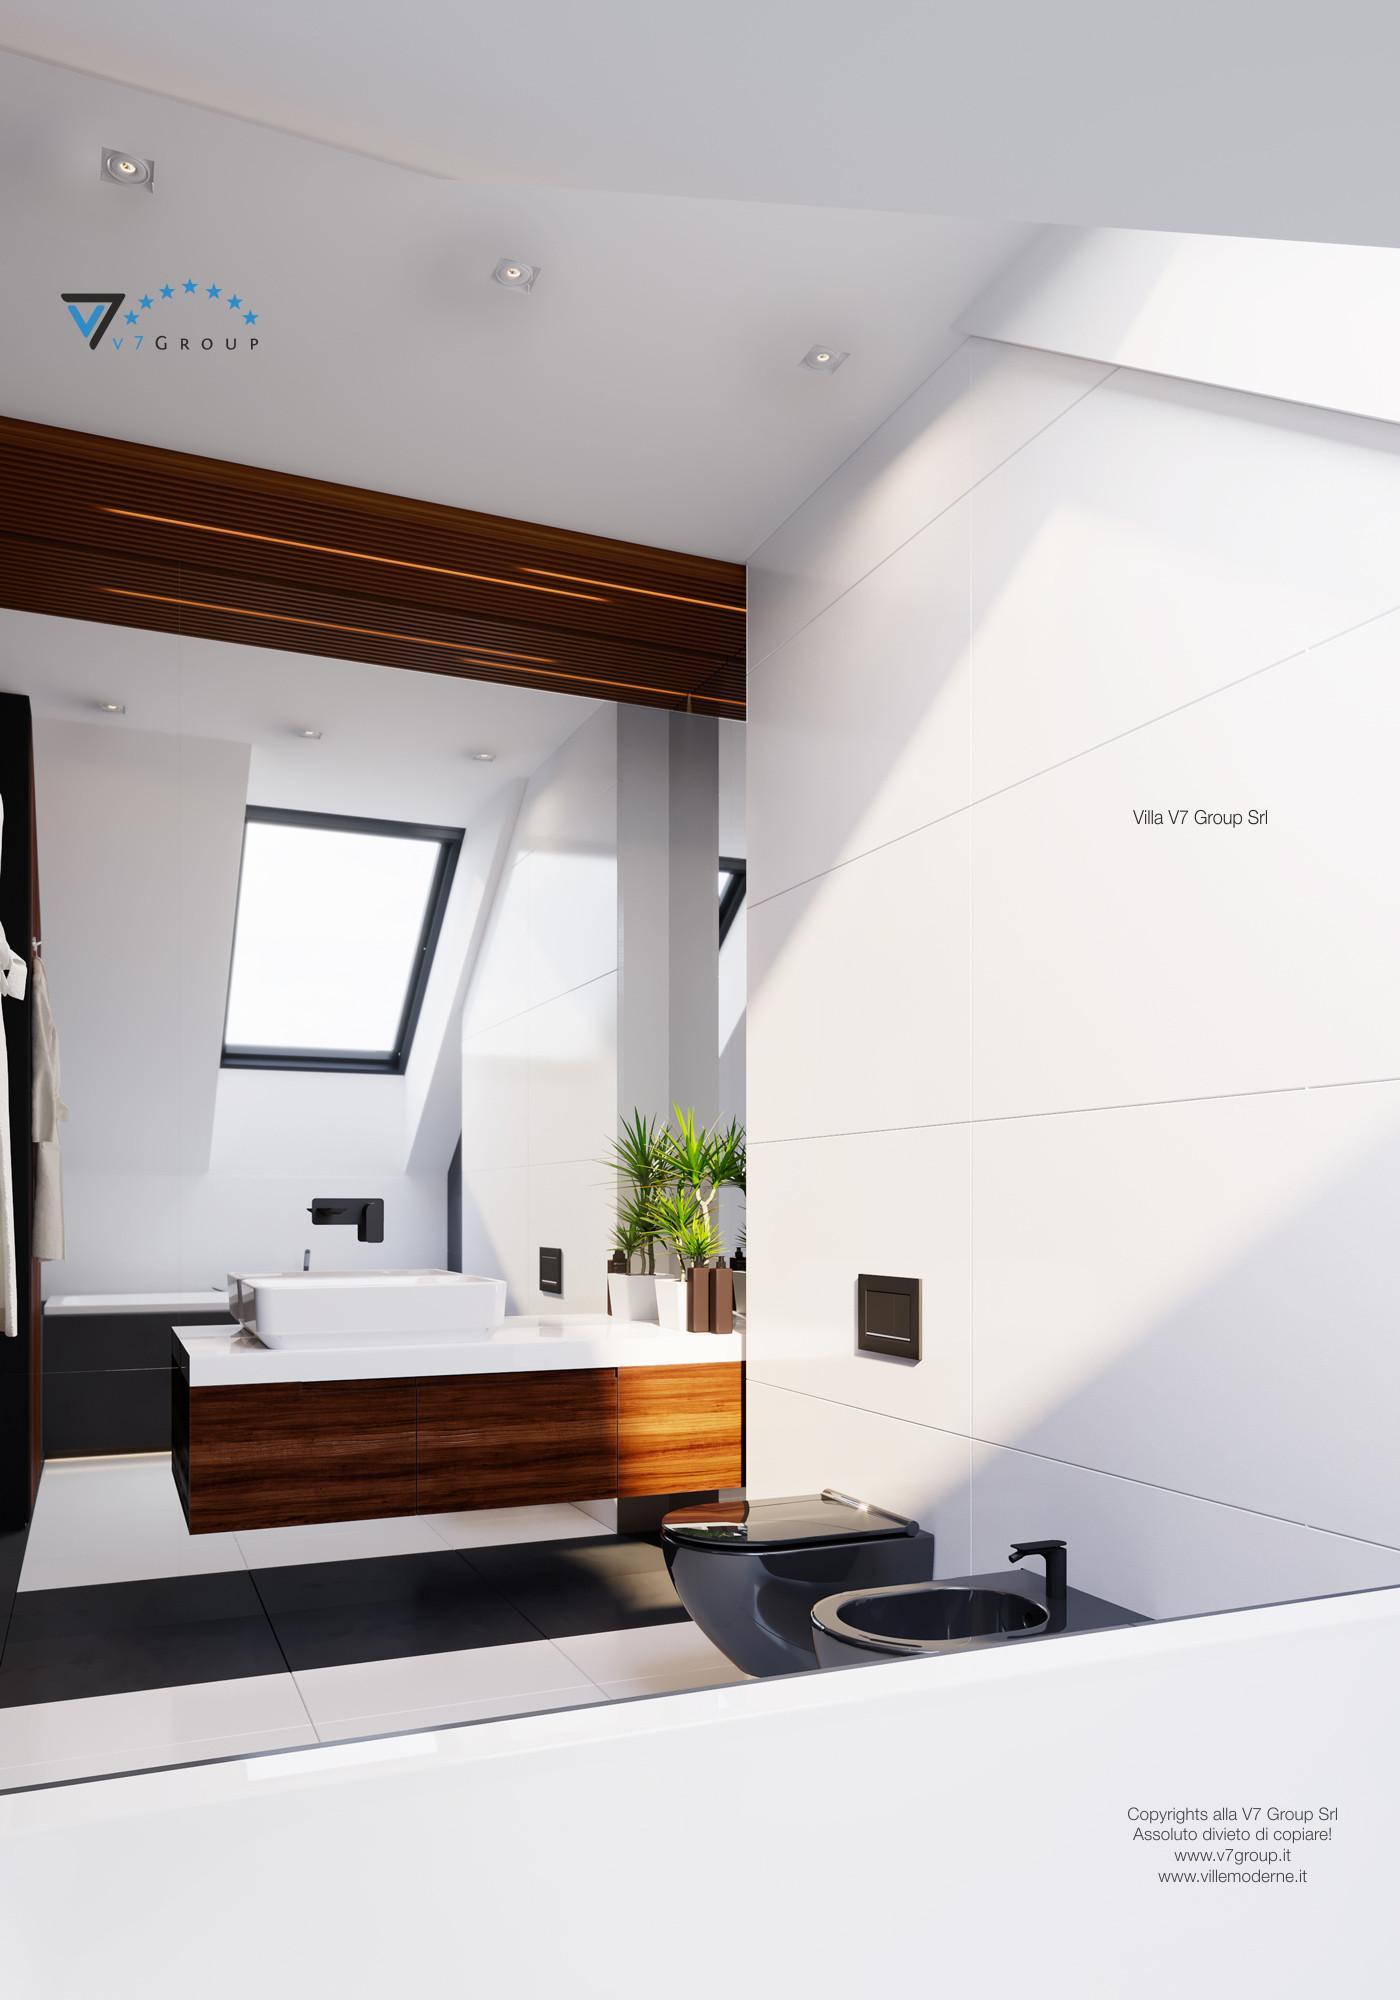 Immagine Villa V13 ENERGO - il grande specchio nel bagno